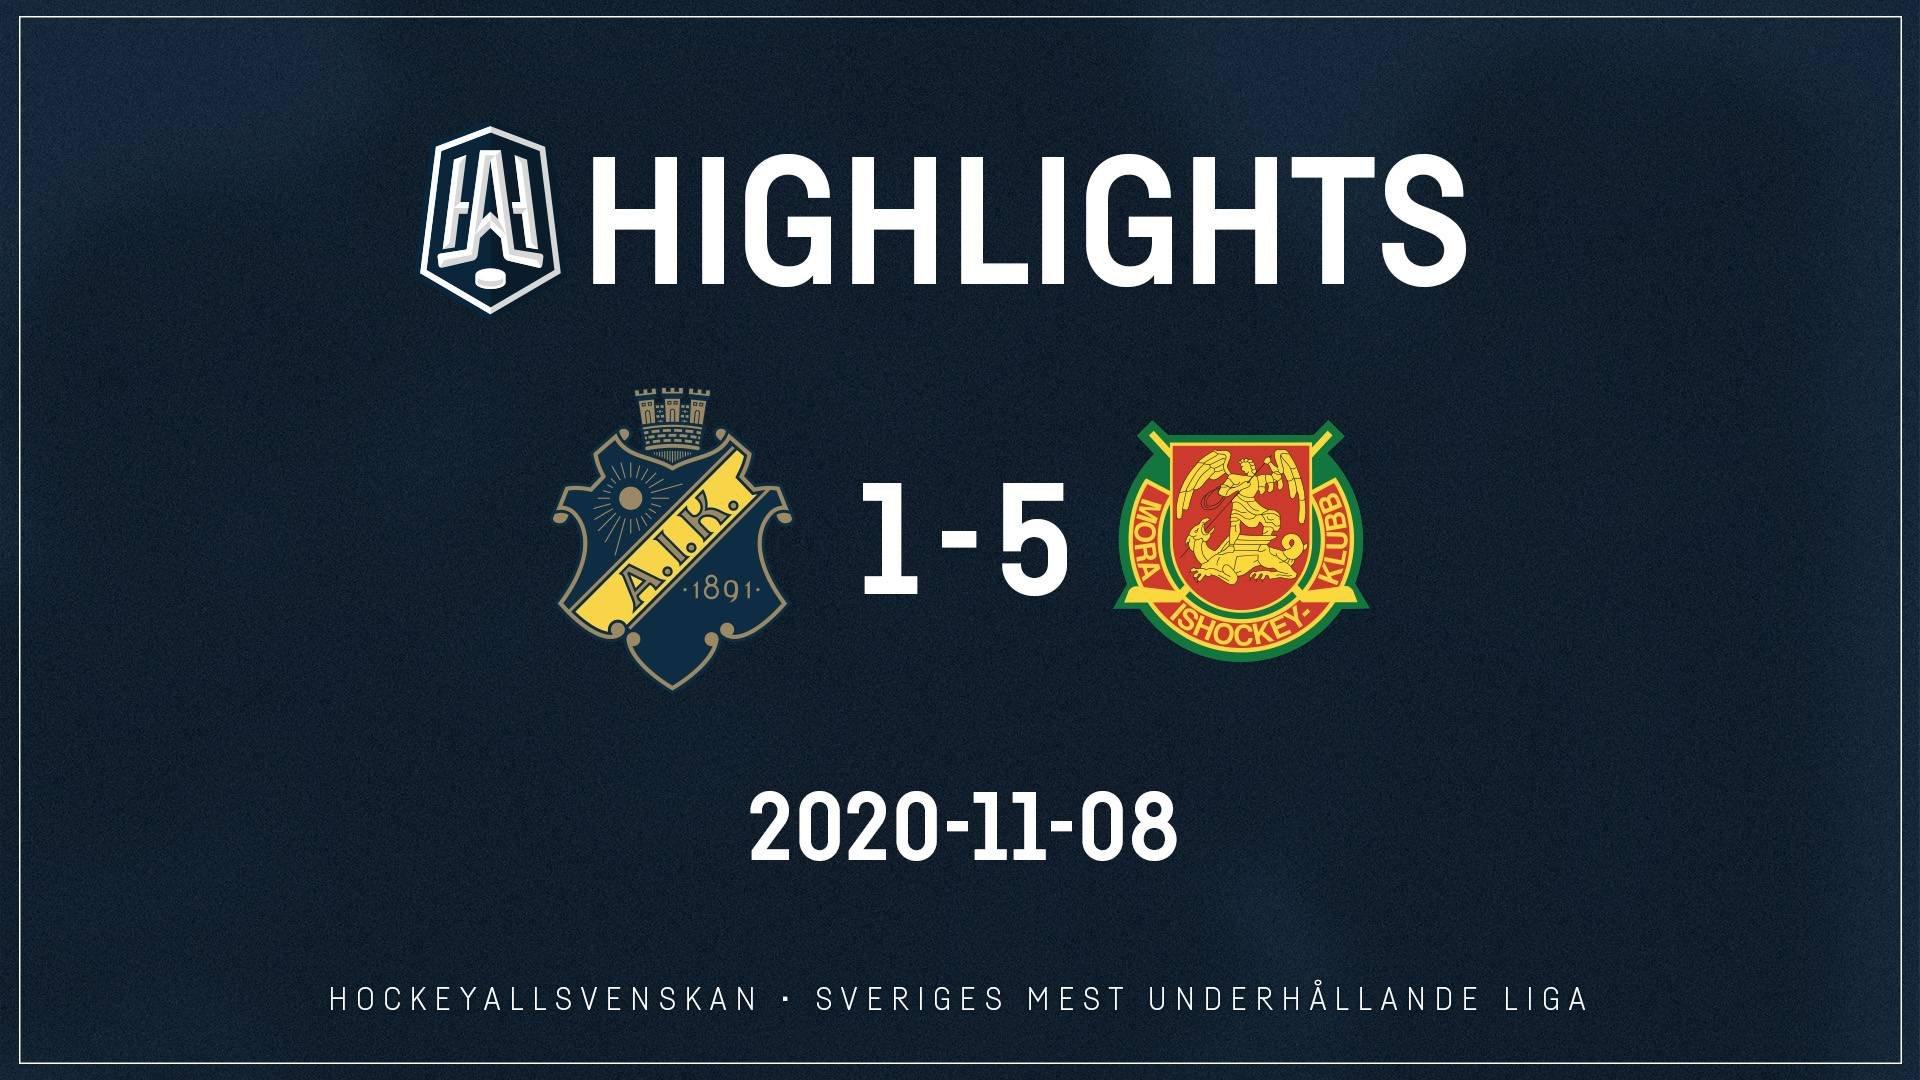 2020-11-08 AIK - Mora 1-5